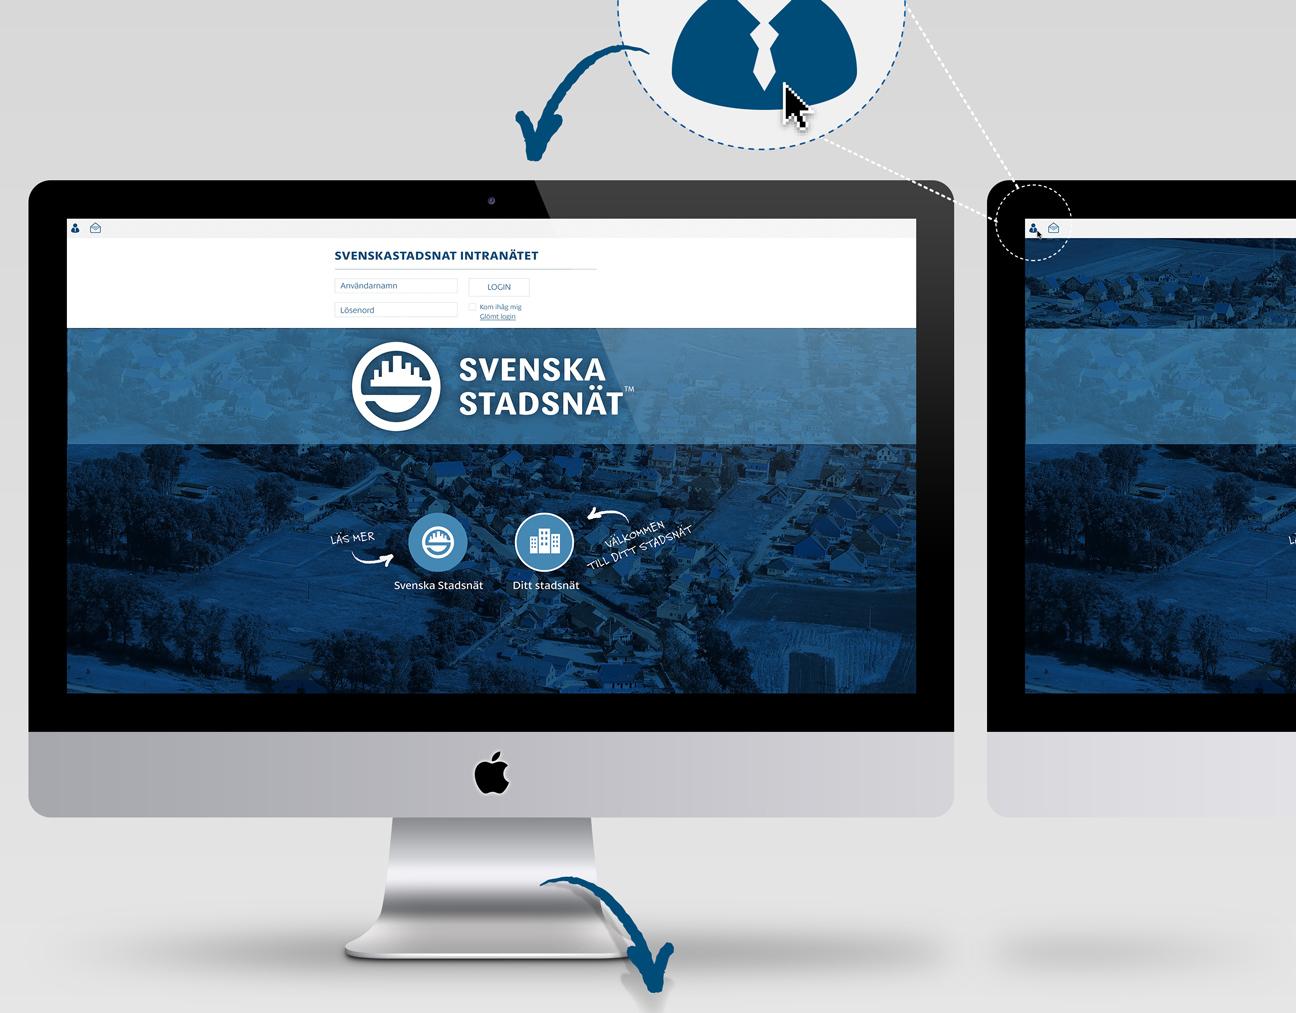 Svenska Stadsnät